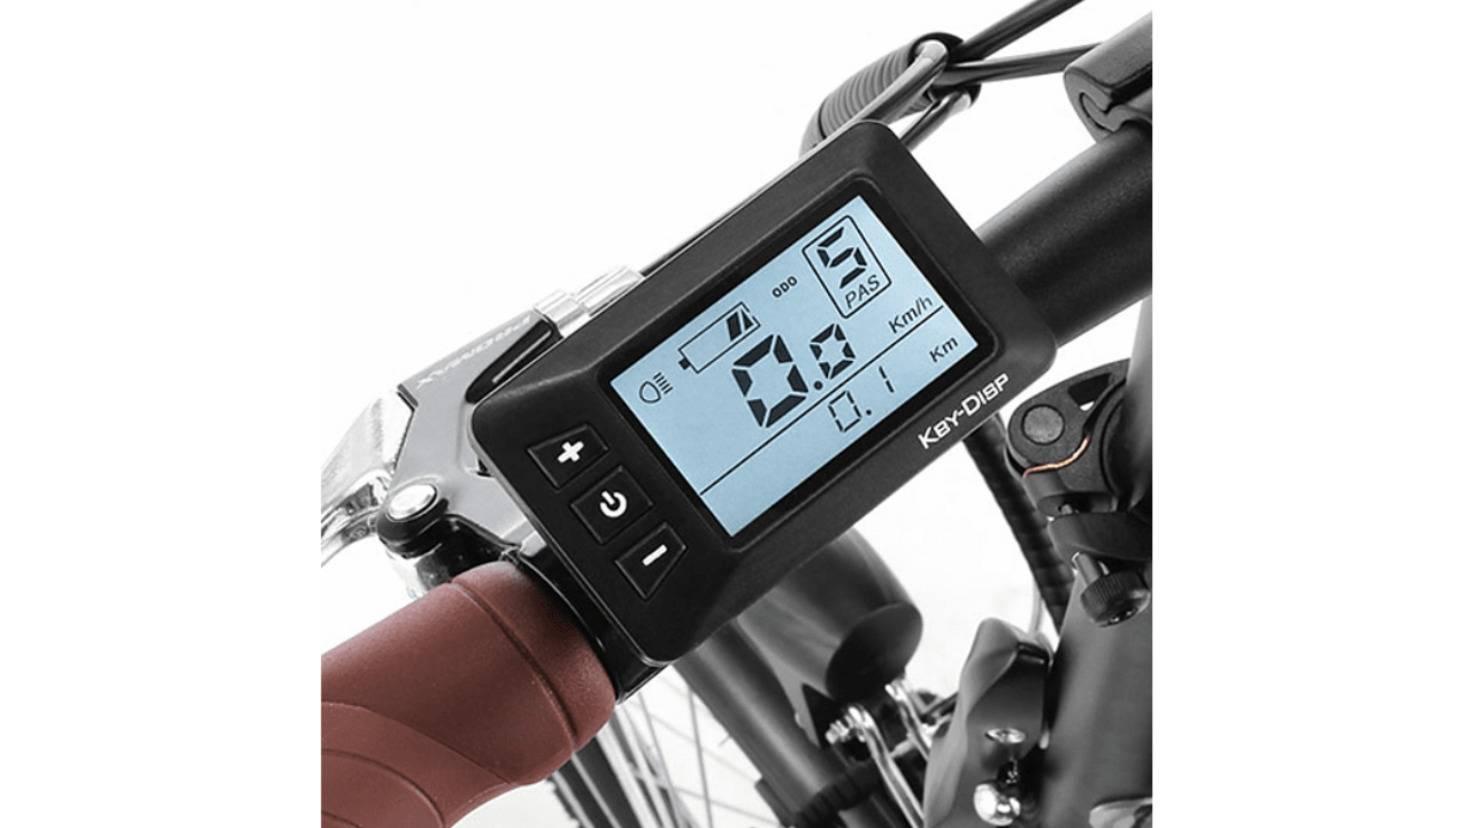 Fischer citybike LCD Display